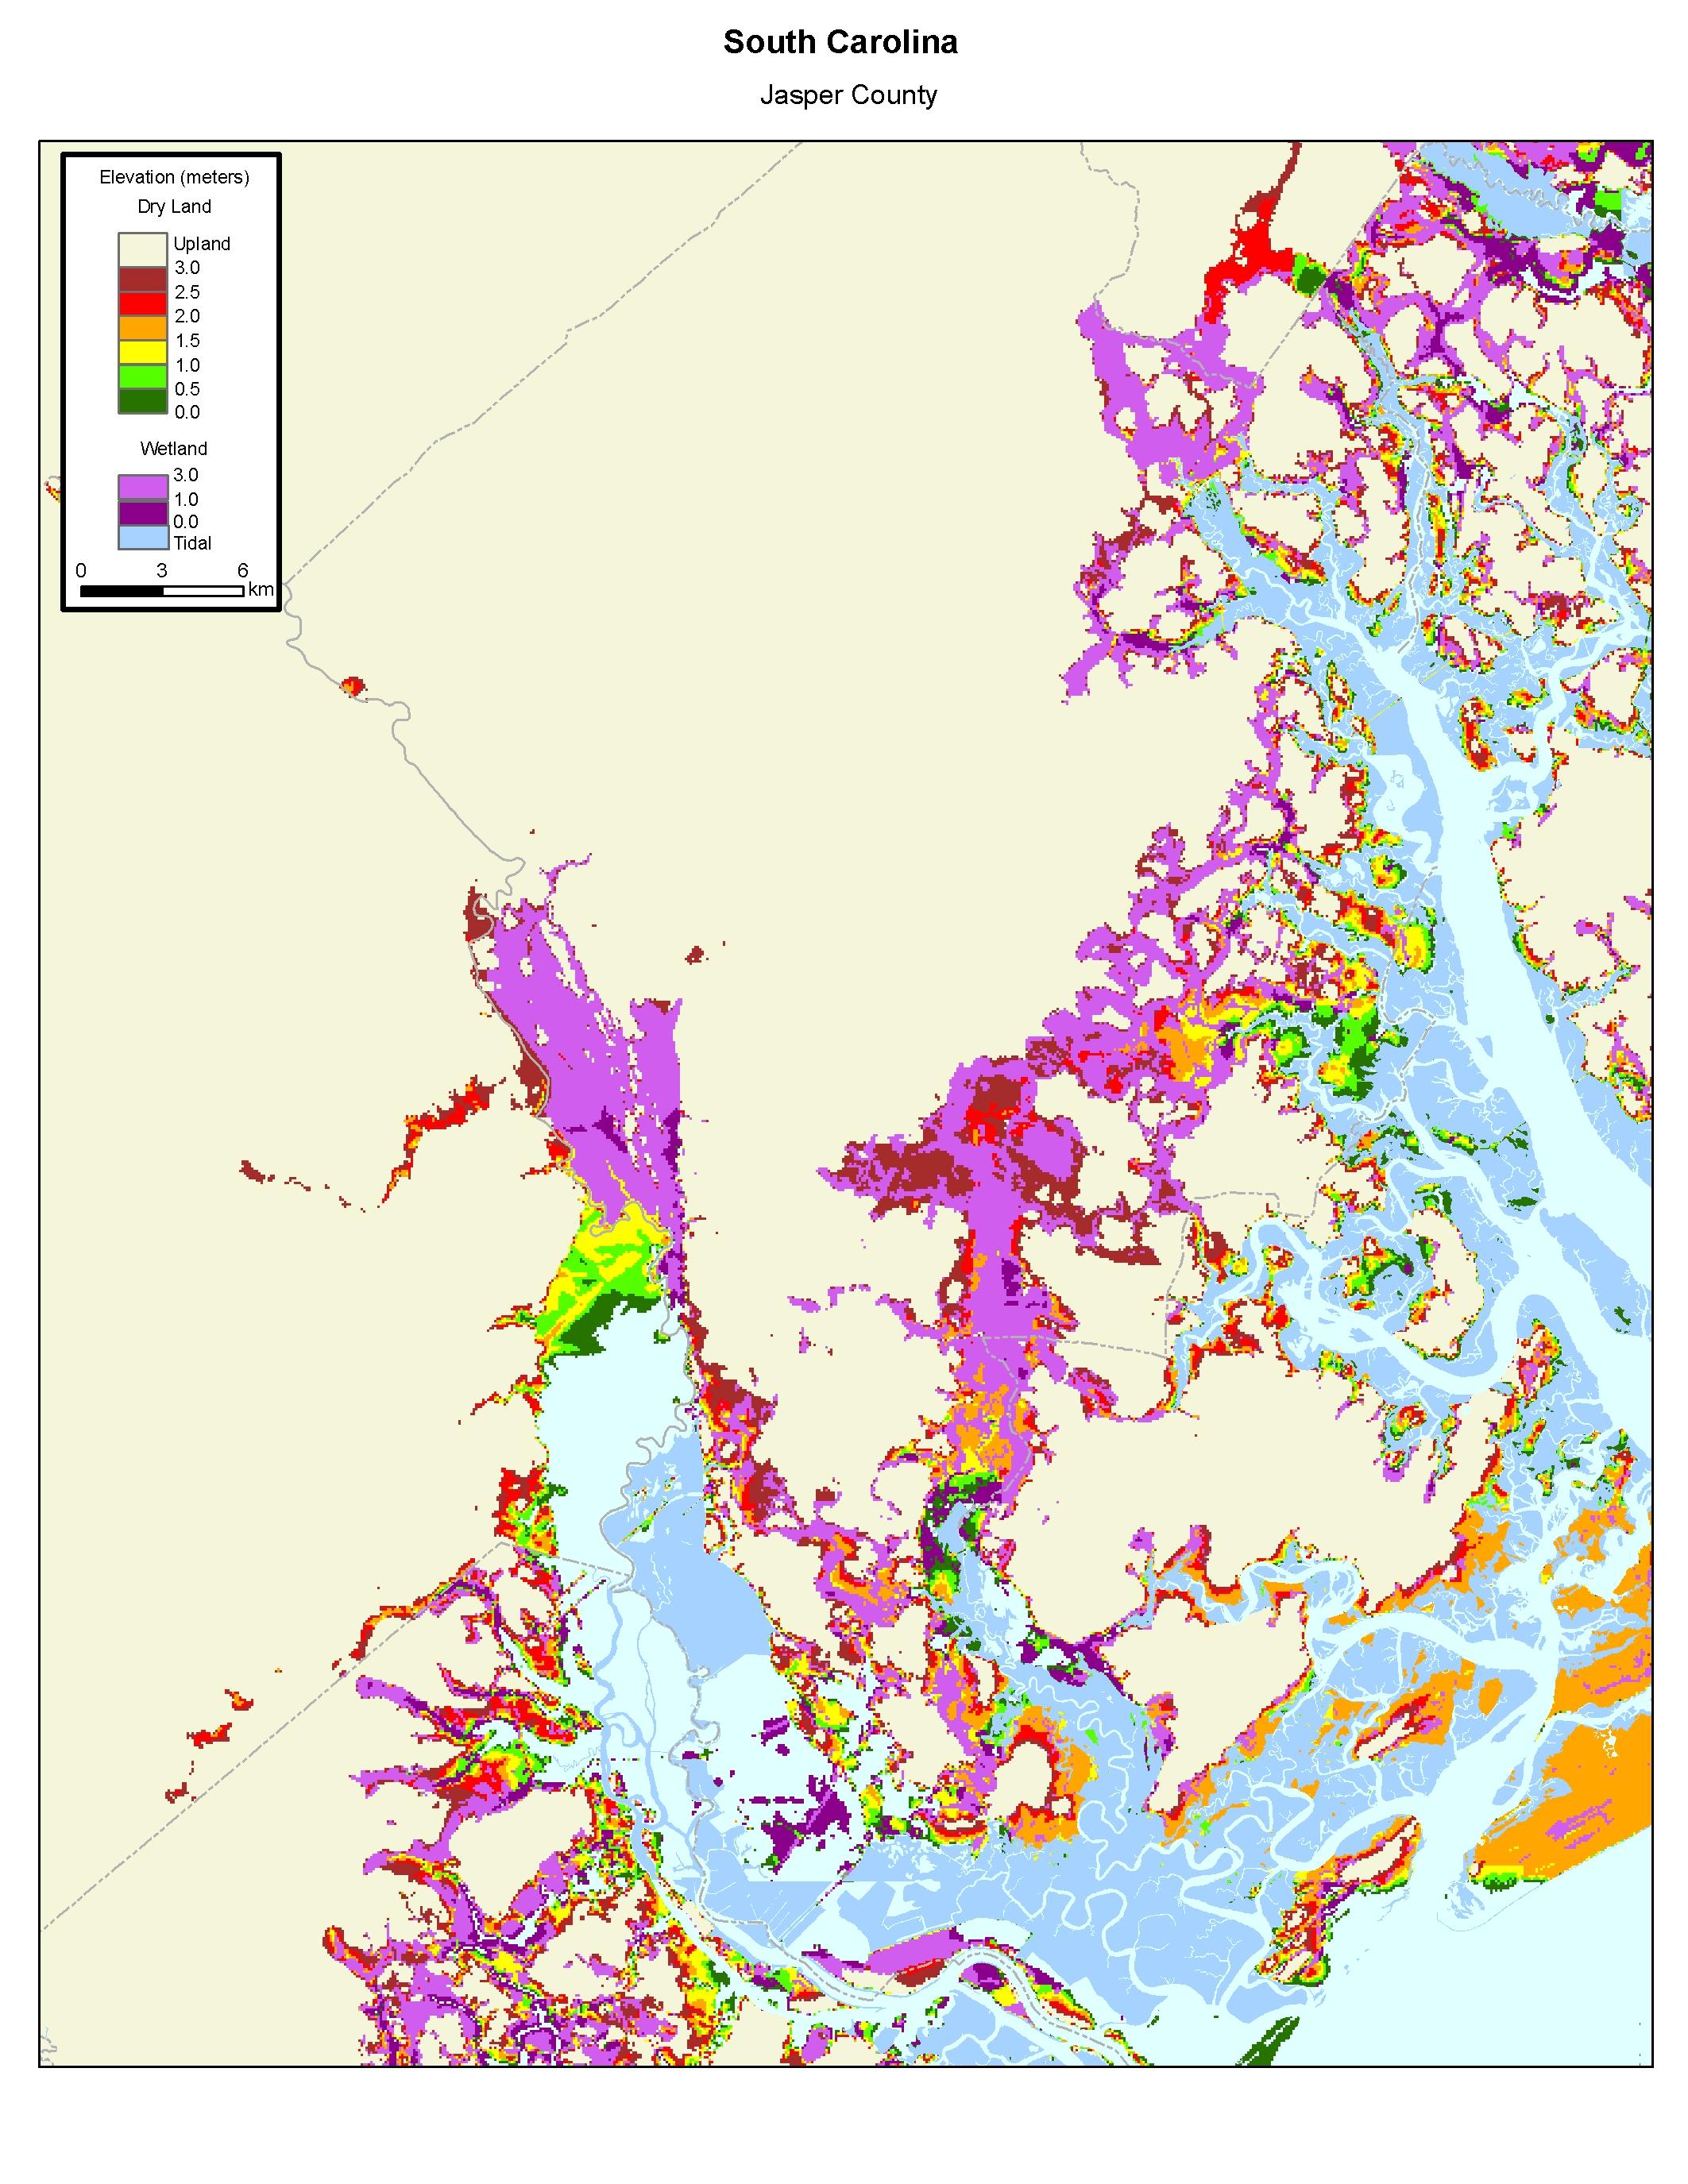 More Sea Level Rise Maps of South Carolina